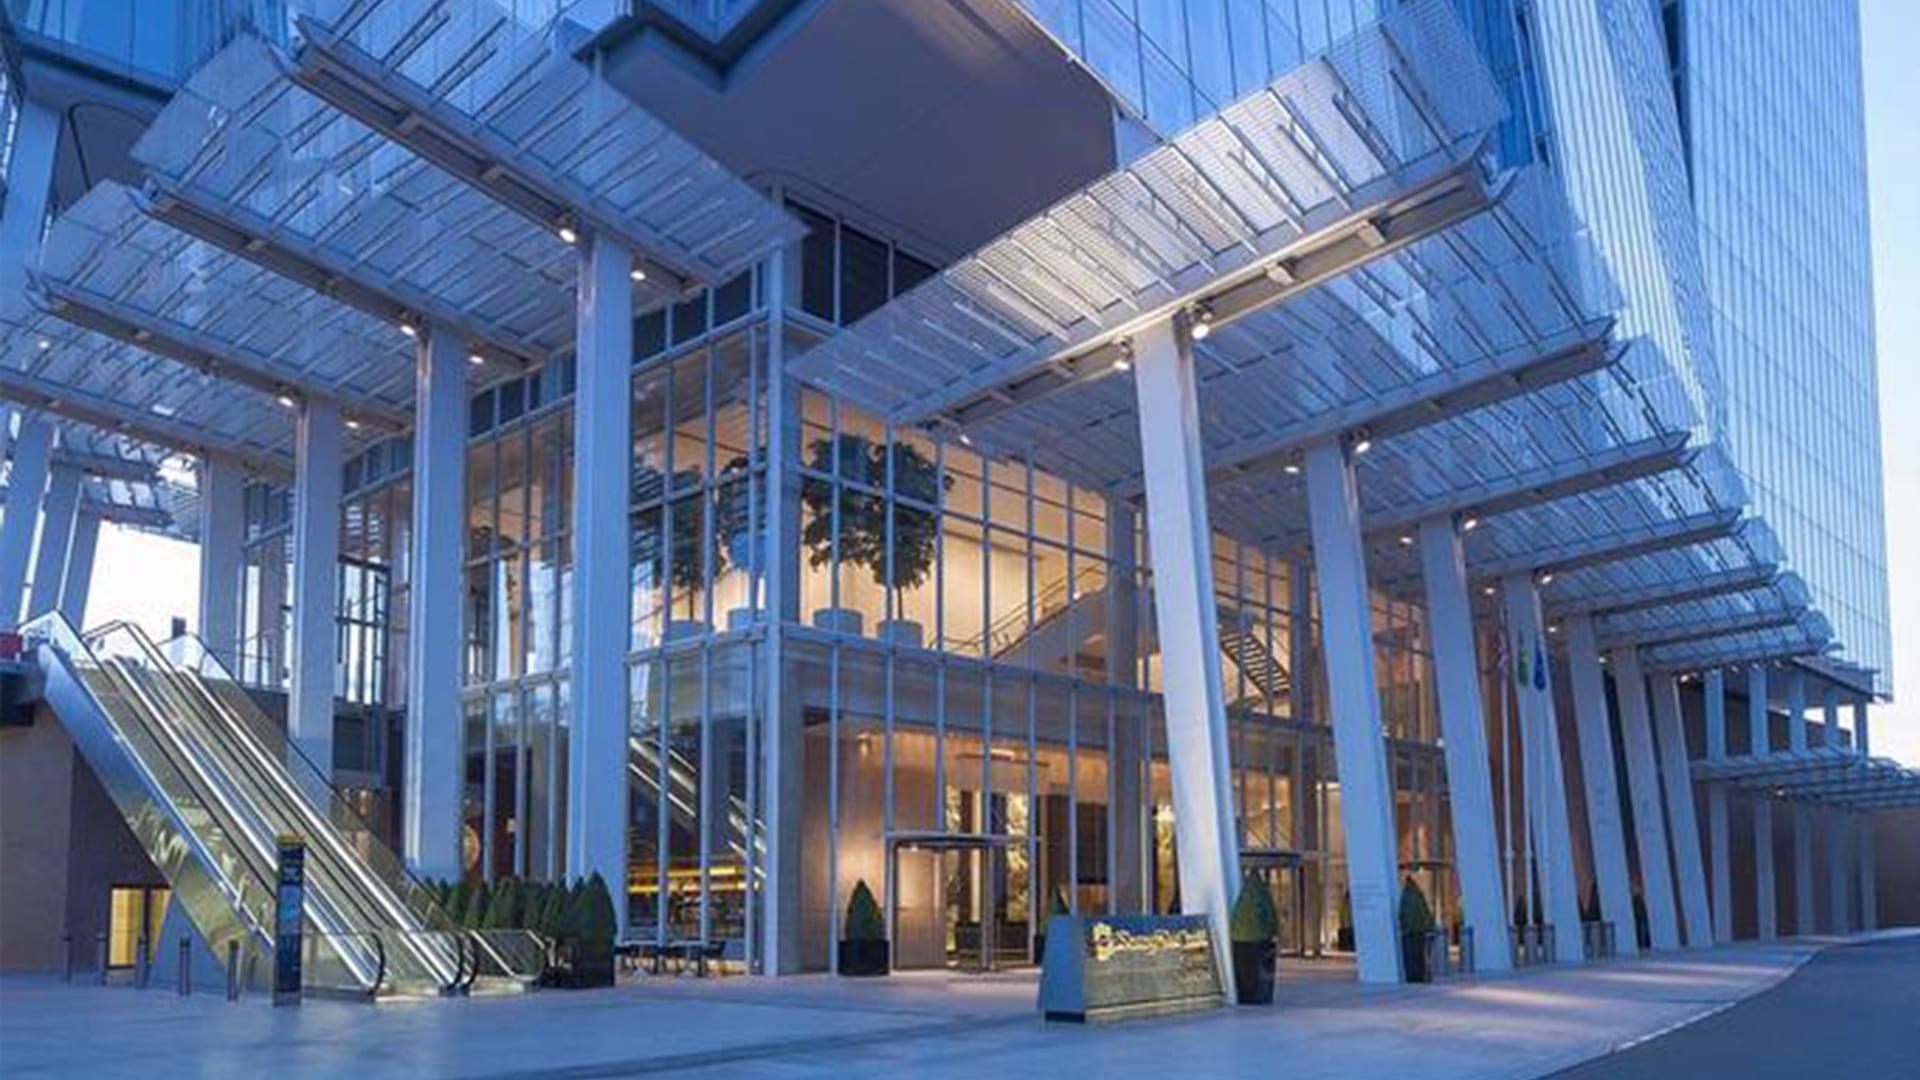 Hôtel Shangri-La à Londres situé dans The Shard